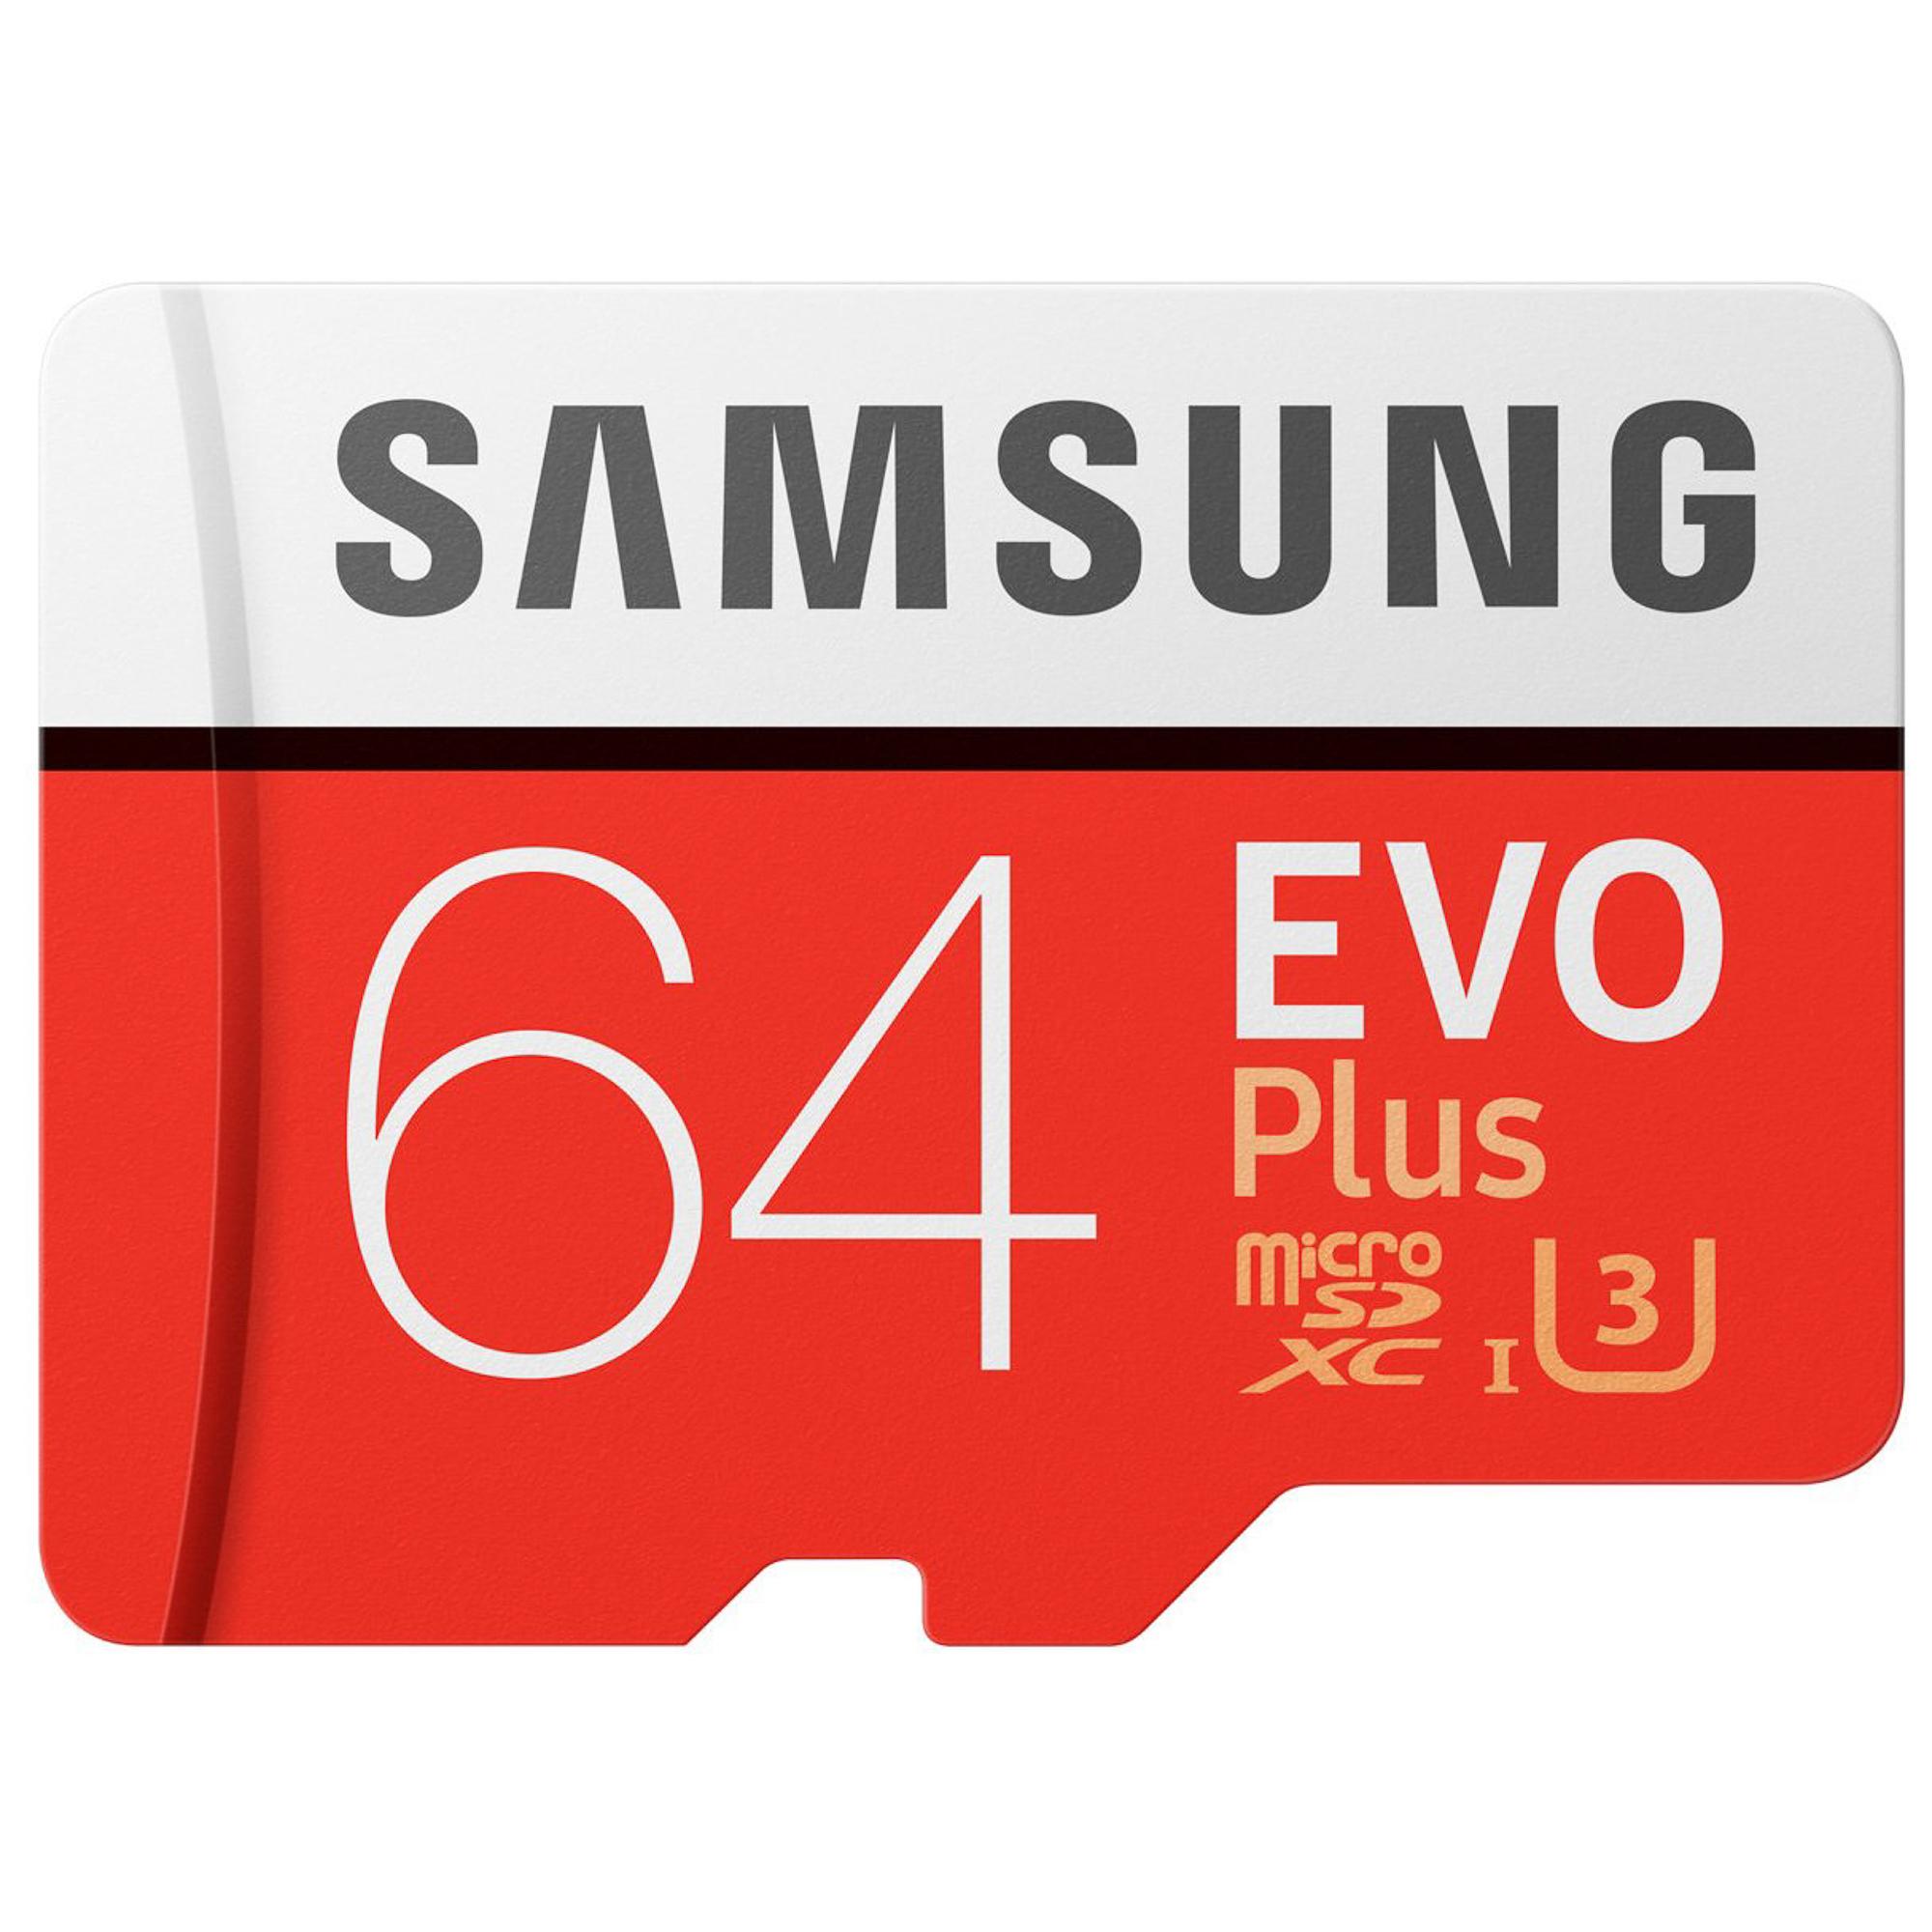 Фото - Карта памяти Samsung EVO Plus MicroSDXC MB-MC64G карта памяти samsung microsdxc evo v2 128gb adapter mb mc128ga ru